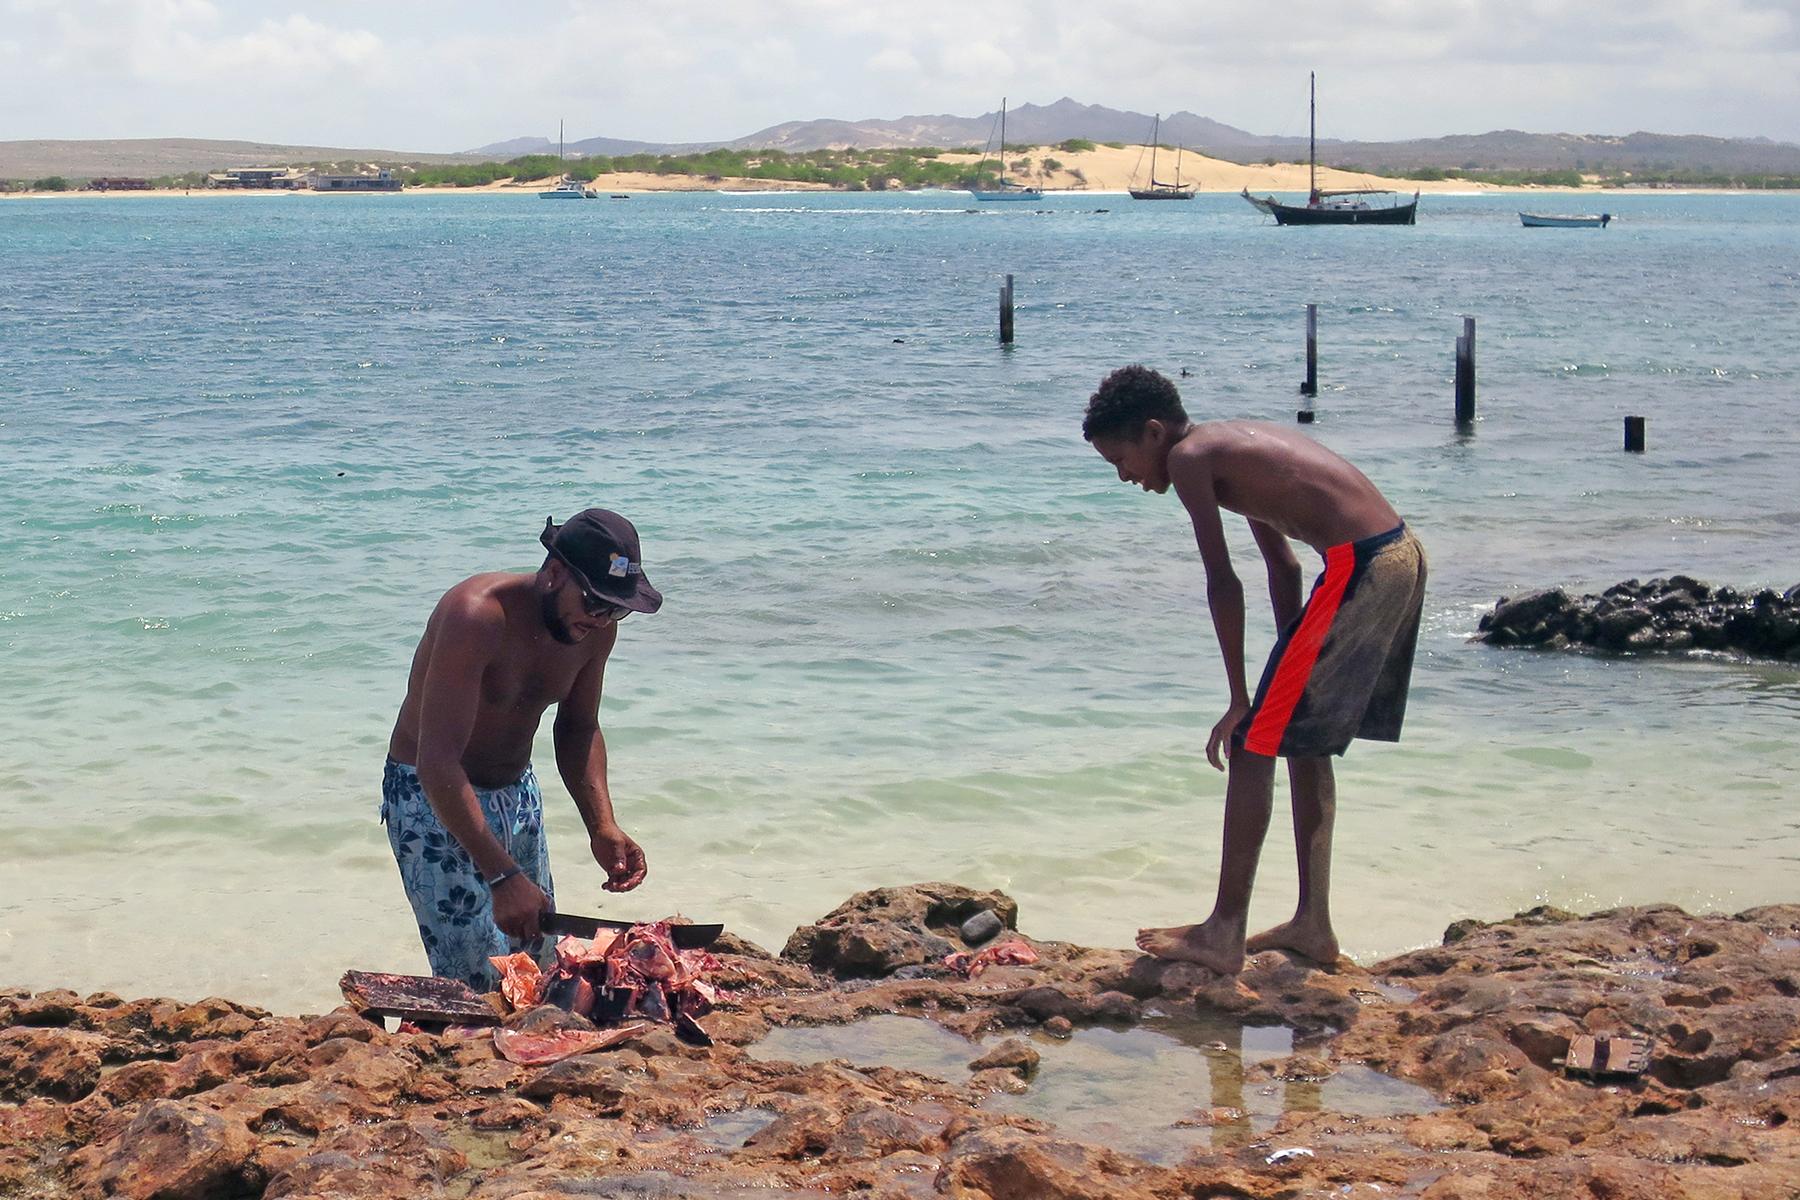 6. Wegen der Fischfang-Traditionen und dem guten Essen